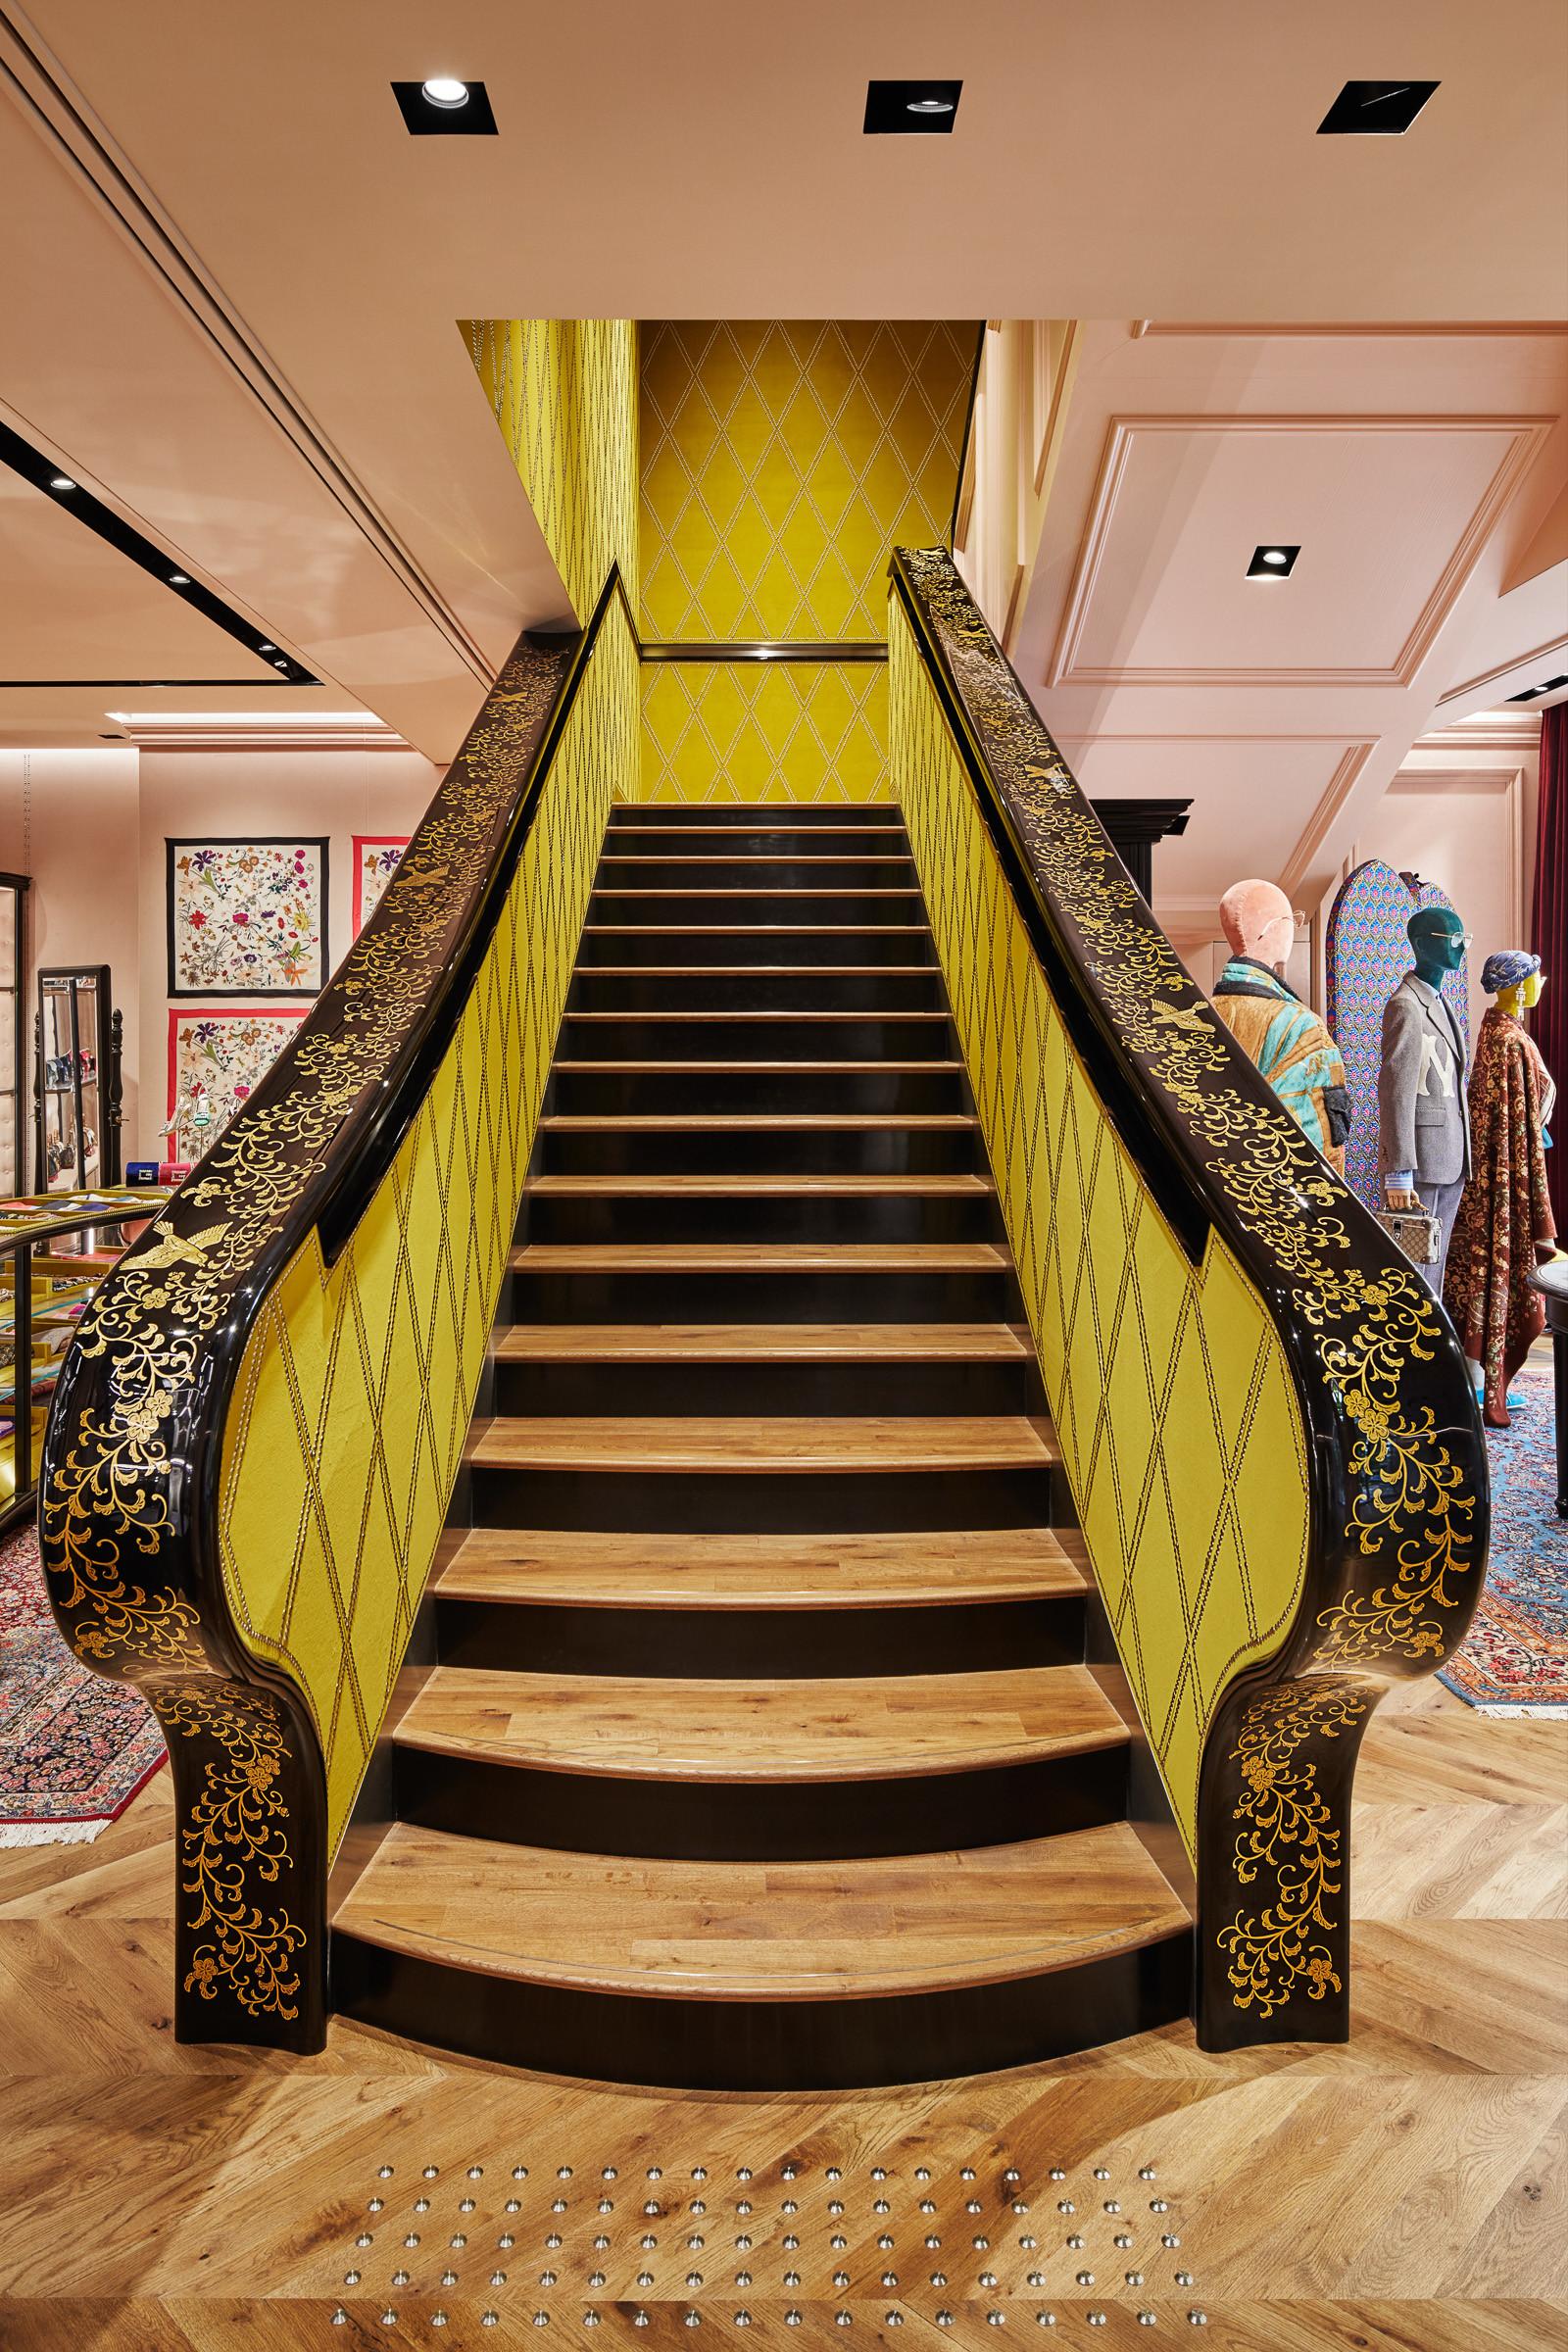 d27ed05cd762 「グッチ(Gucci)」が9月14日、東京・青山のフラッグシップショップをリニューアルオープンした。グッチ銀座やグッチ新宿店に続き、クリエイティブディレクターの  ...